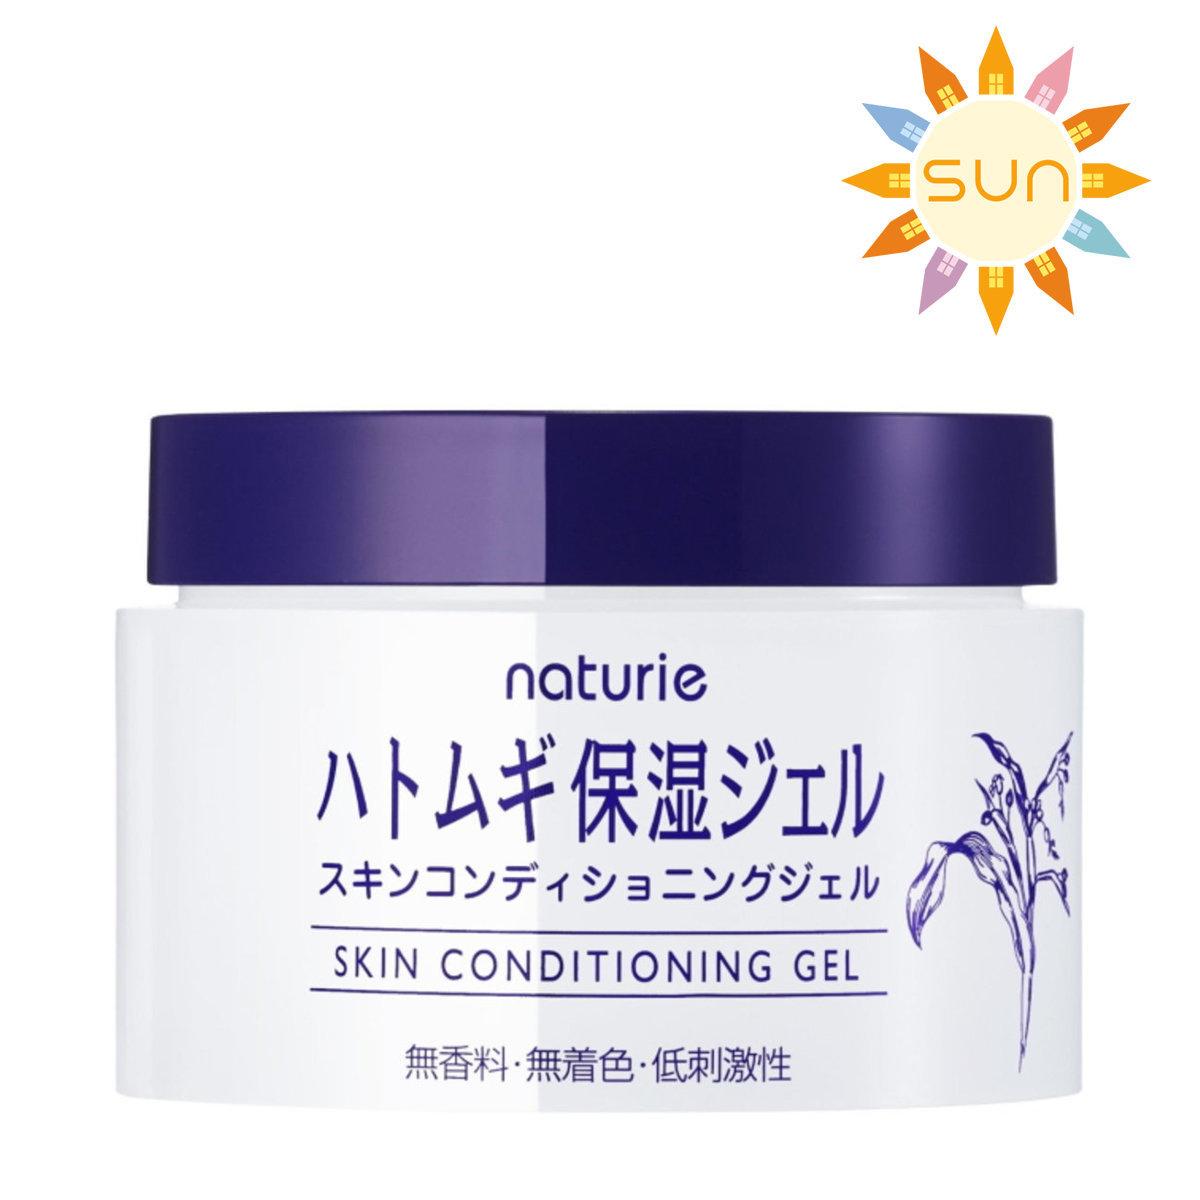 日本薏仁保濕面霜 180g (日版港版隨機發貨 )